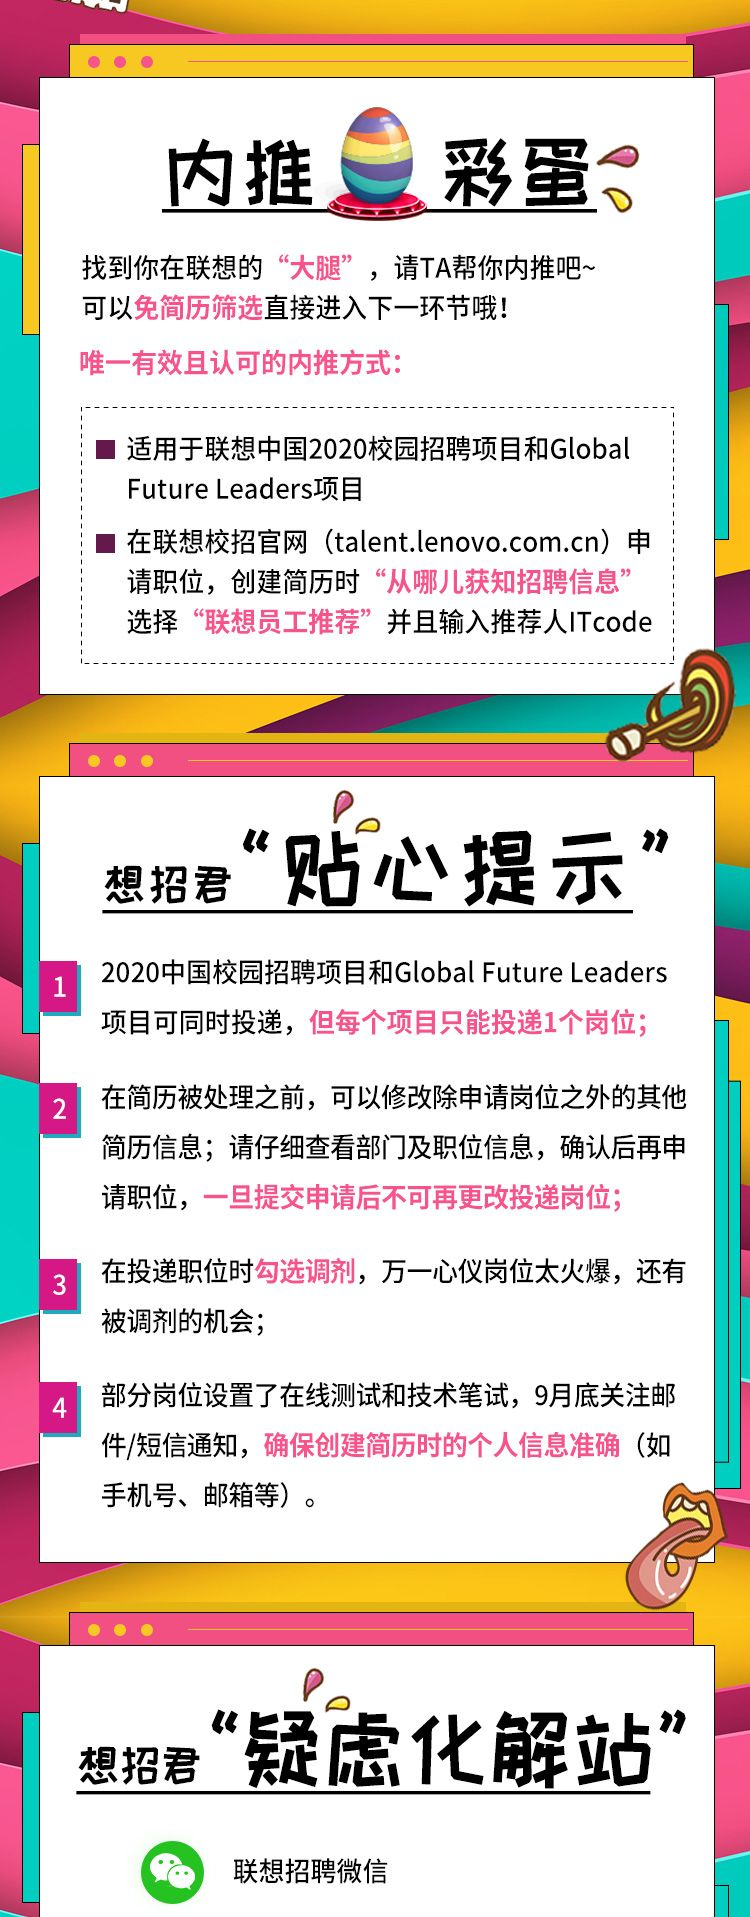 联想校园招聘_【内推】联想中国2020校园招聘正式启动!_itcode